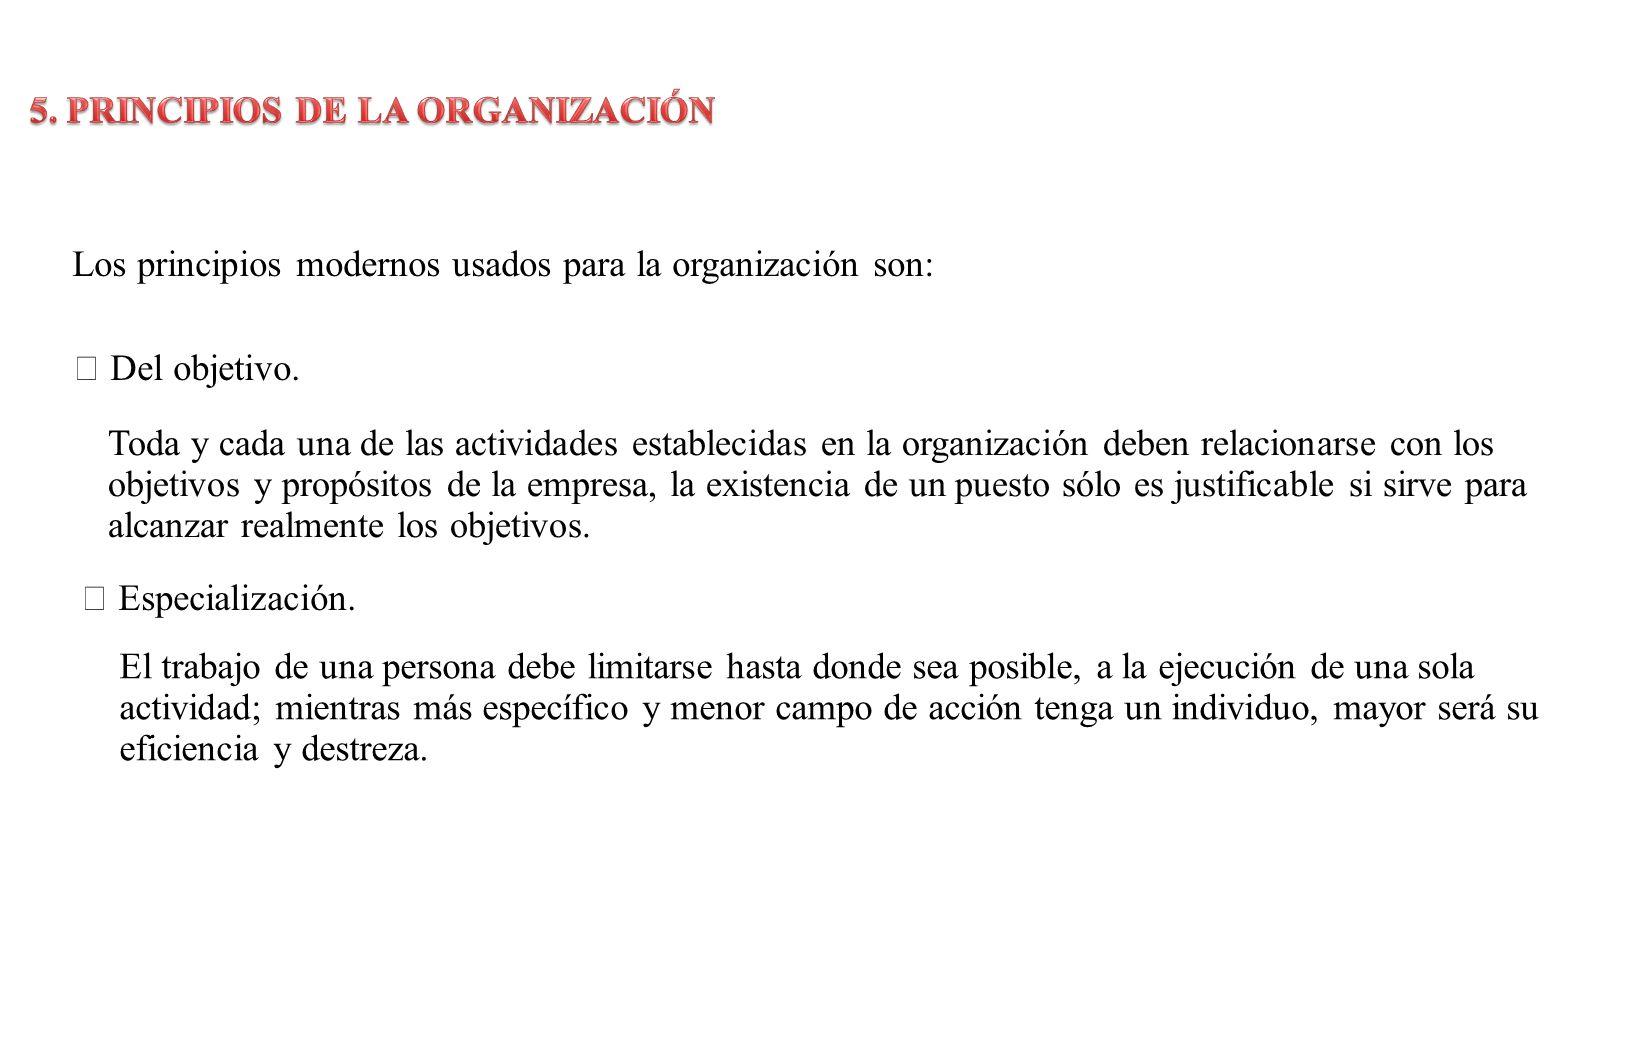 Los principios modernos usados para la organización son: Del objetivo.